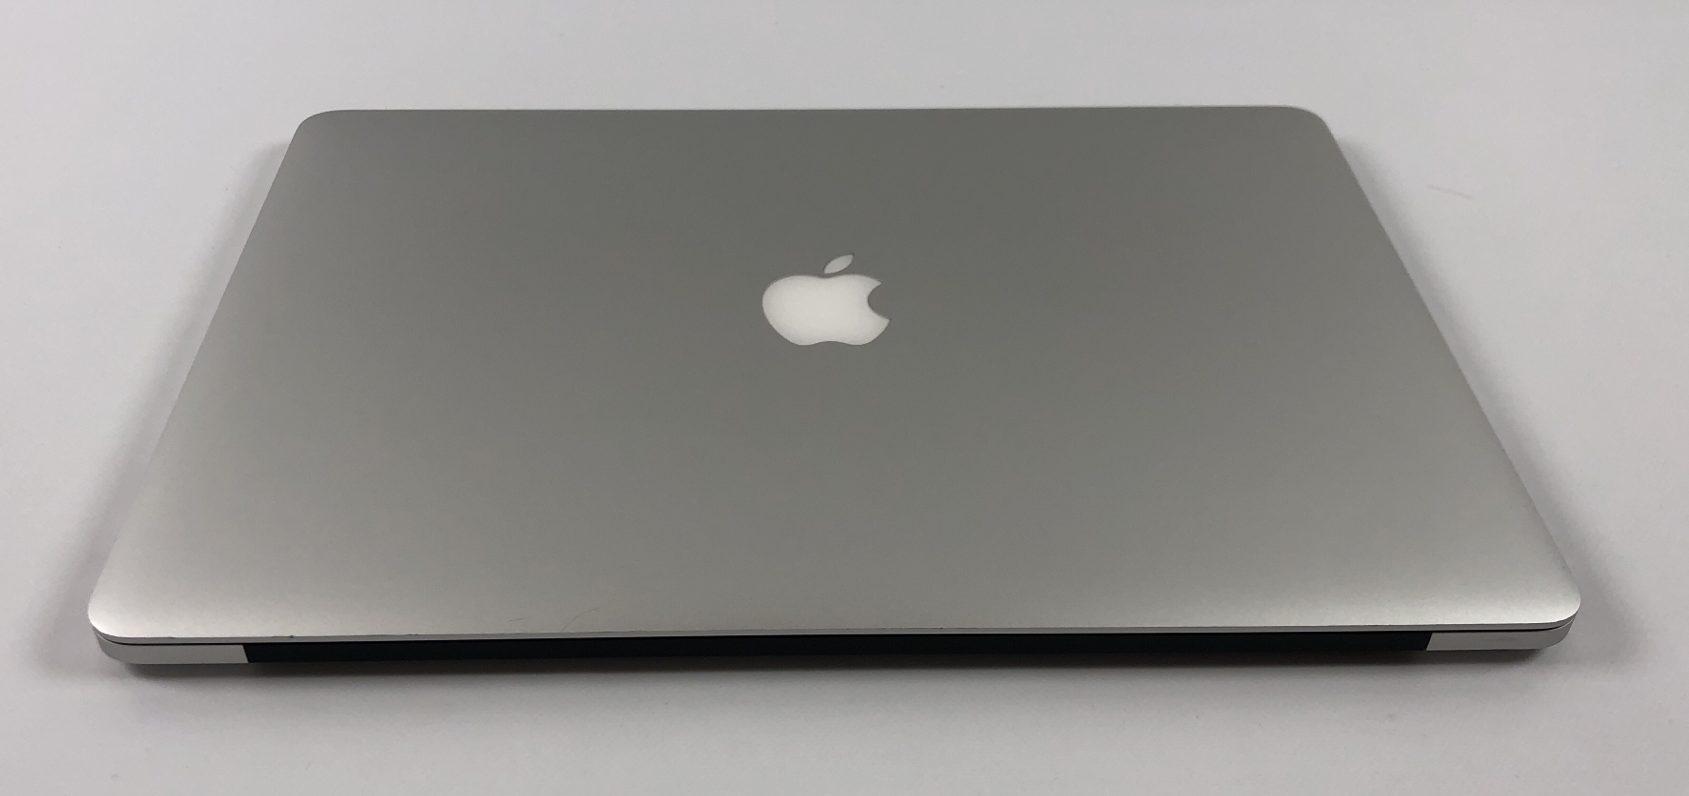 """MacBook Pro Retina 15"""" Mid 2015 (Intel Quad-Core i7 2.2 GHz 16 GB RAM 512 GB SSD), Intel Quad-Core i7 2.2 GHz, 16 GB RAM, 512 GB SSD, imagen 2"""